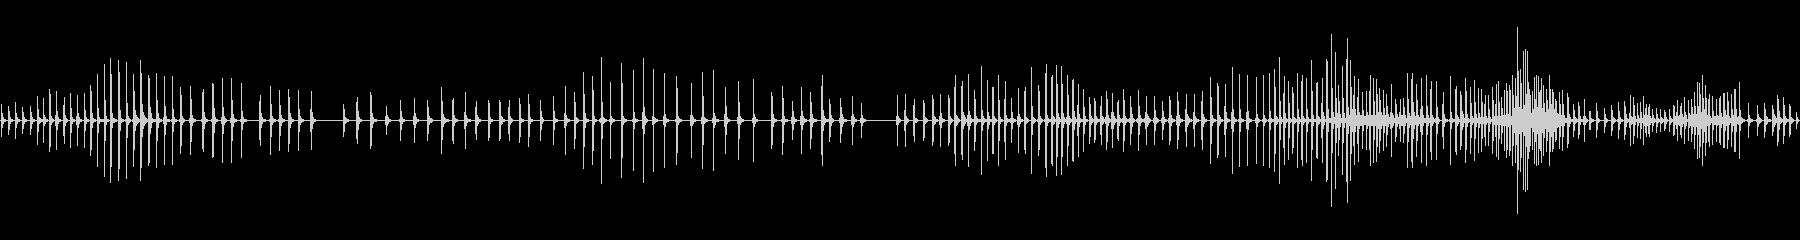 ラチェット、ターニング、クリック、...の未再生の波形